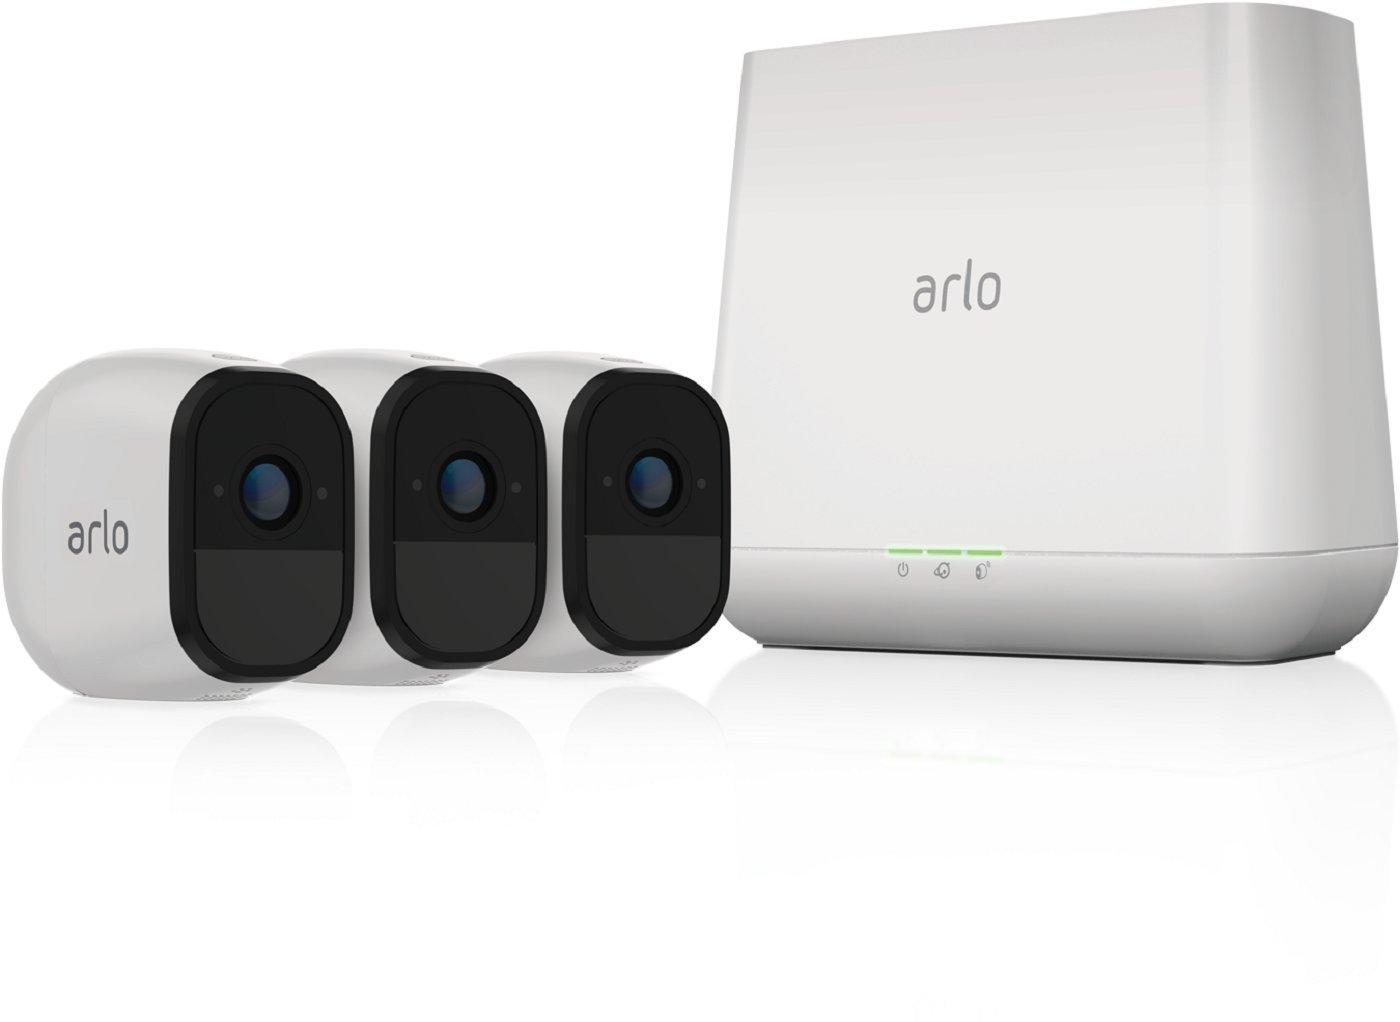 caméras Arlo et Arlo Pro